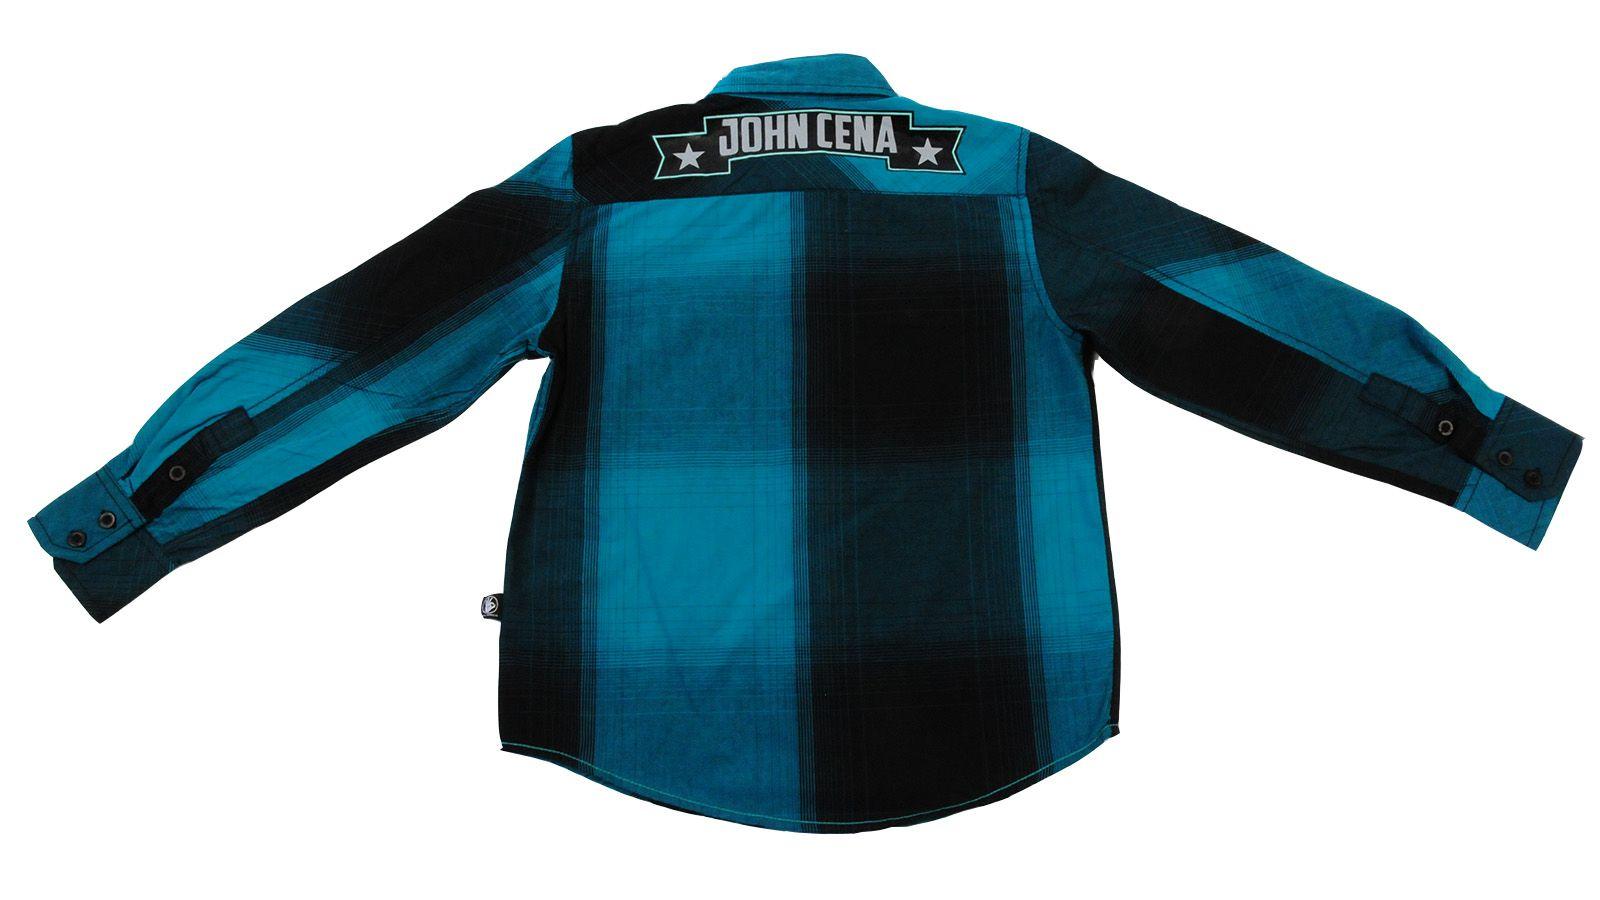 Рубашка для мальчиков от американского бренда Jhon Cena Never give up №35